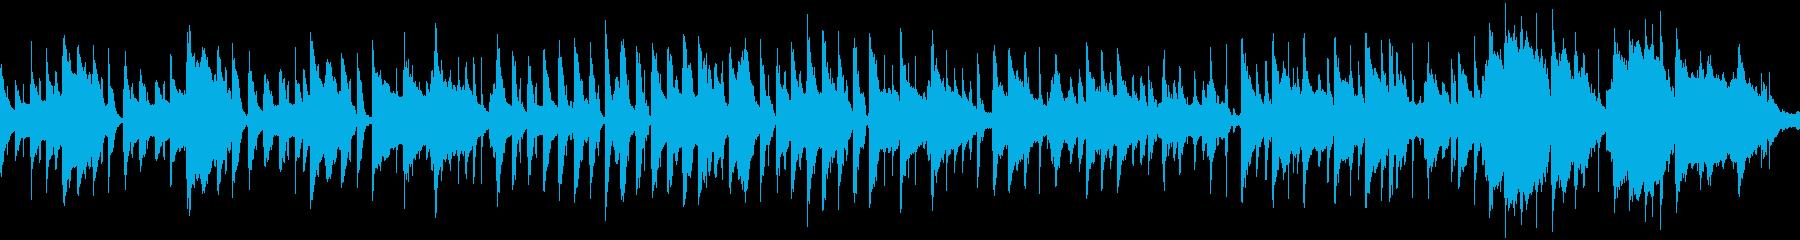 夕暮れの似合うゆったりバラード・ループの再生済みの波形